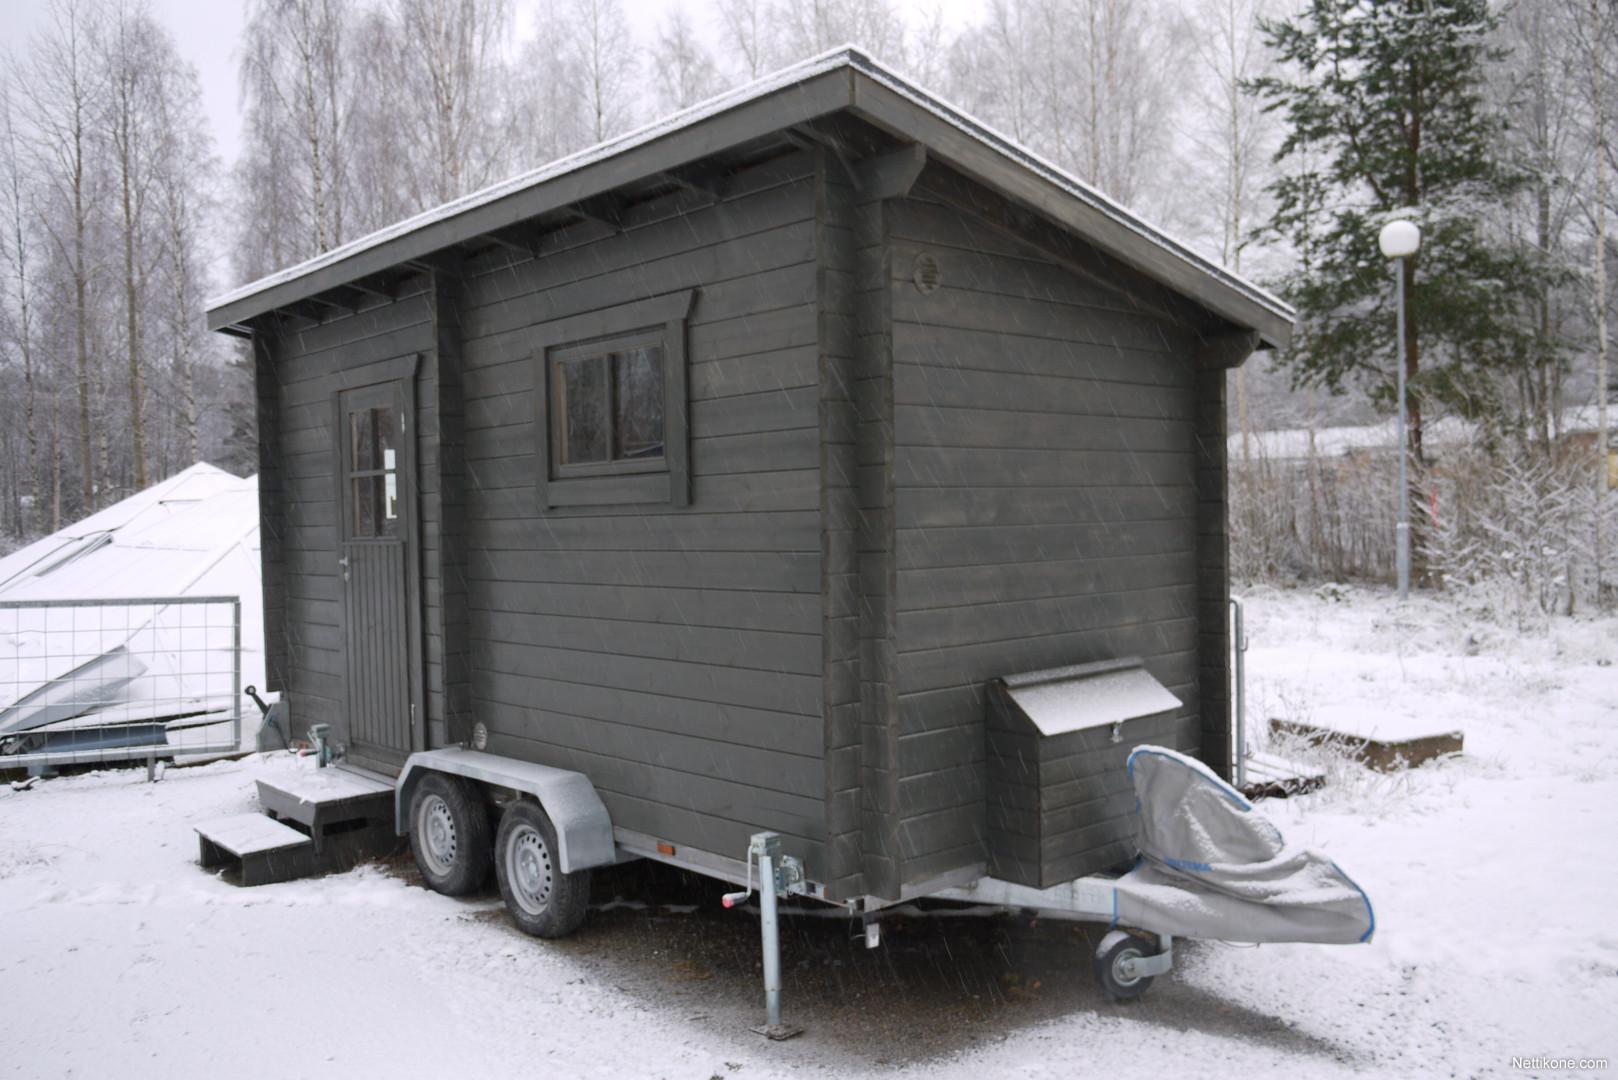 Myytävänä Muu merkki saunamökki ja traileri muu-kalusto - Nettiauto